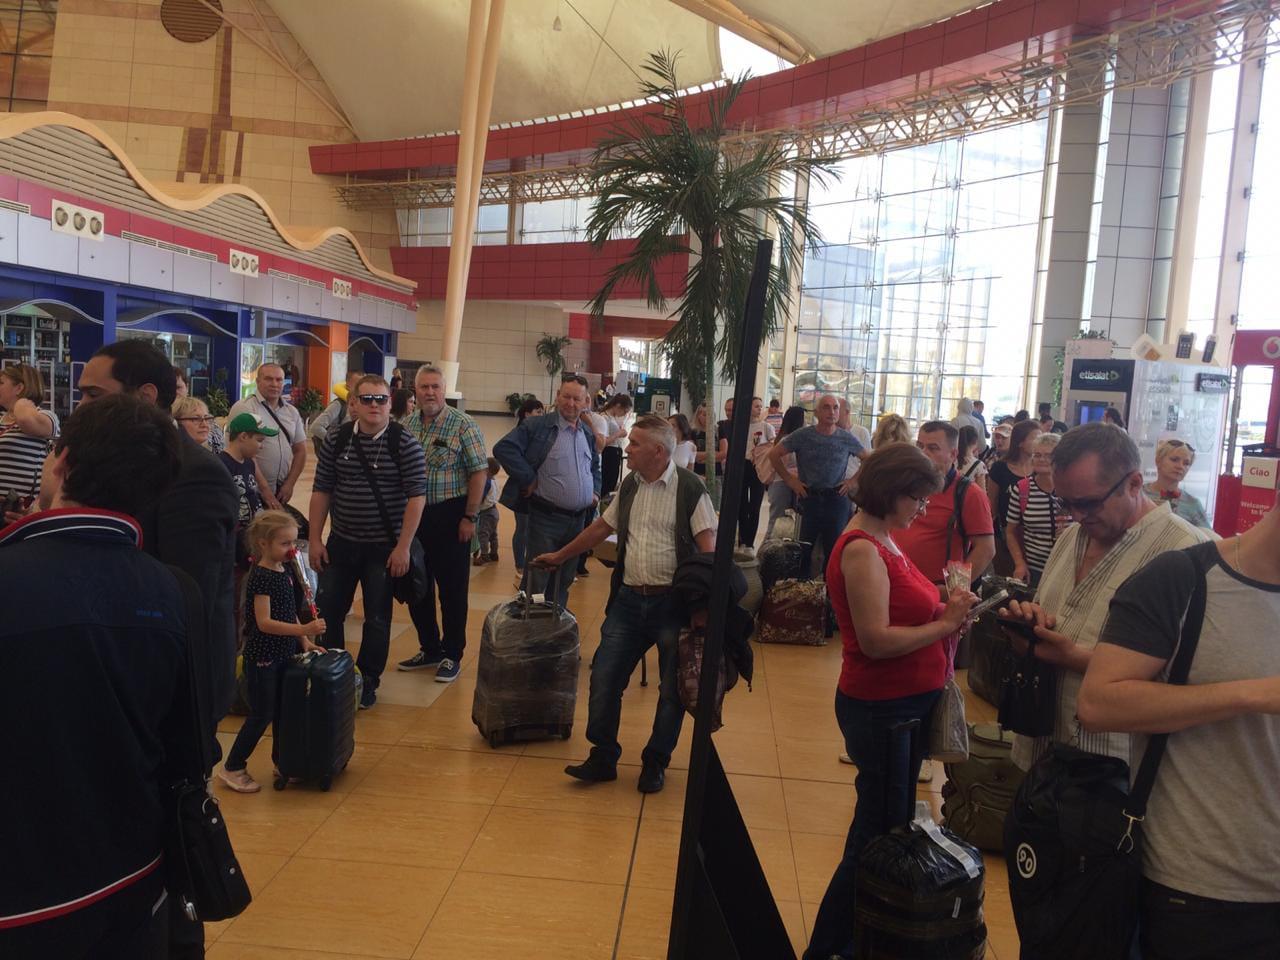 وصول اول طائرة من روسيا اليوم الي مطار شرم الشيخ  (5)